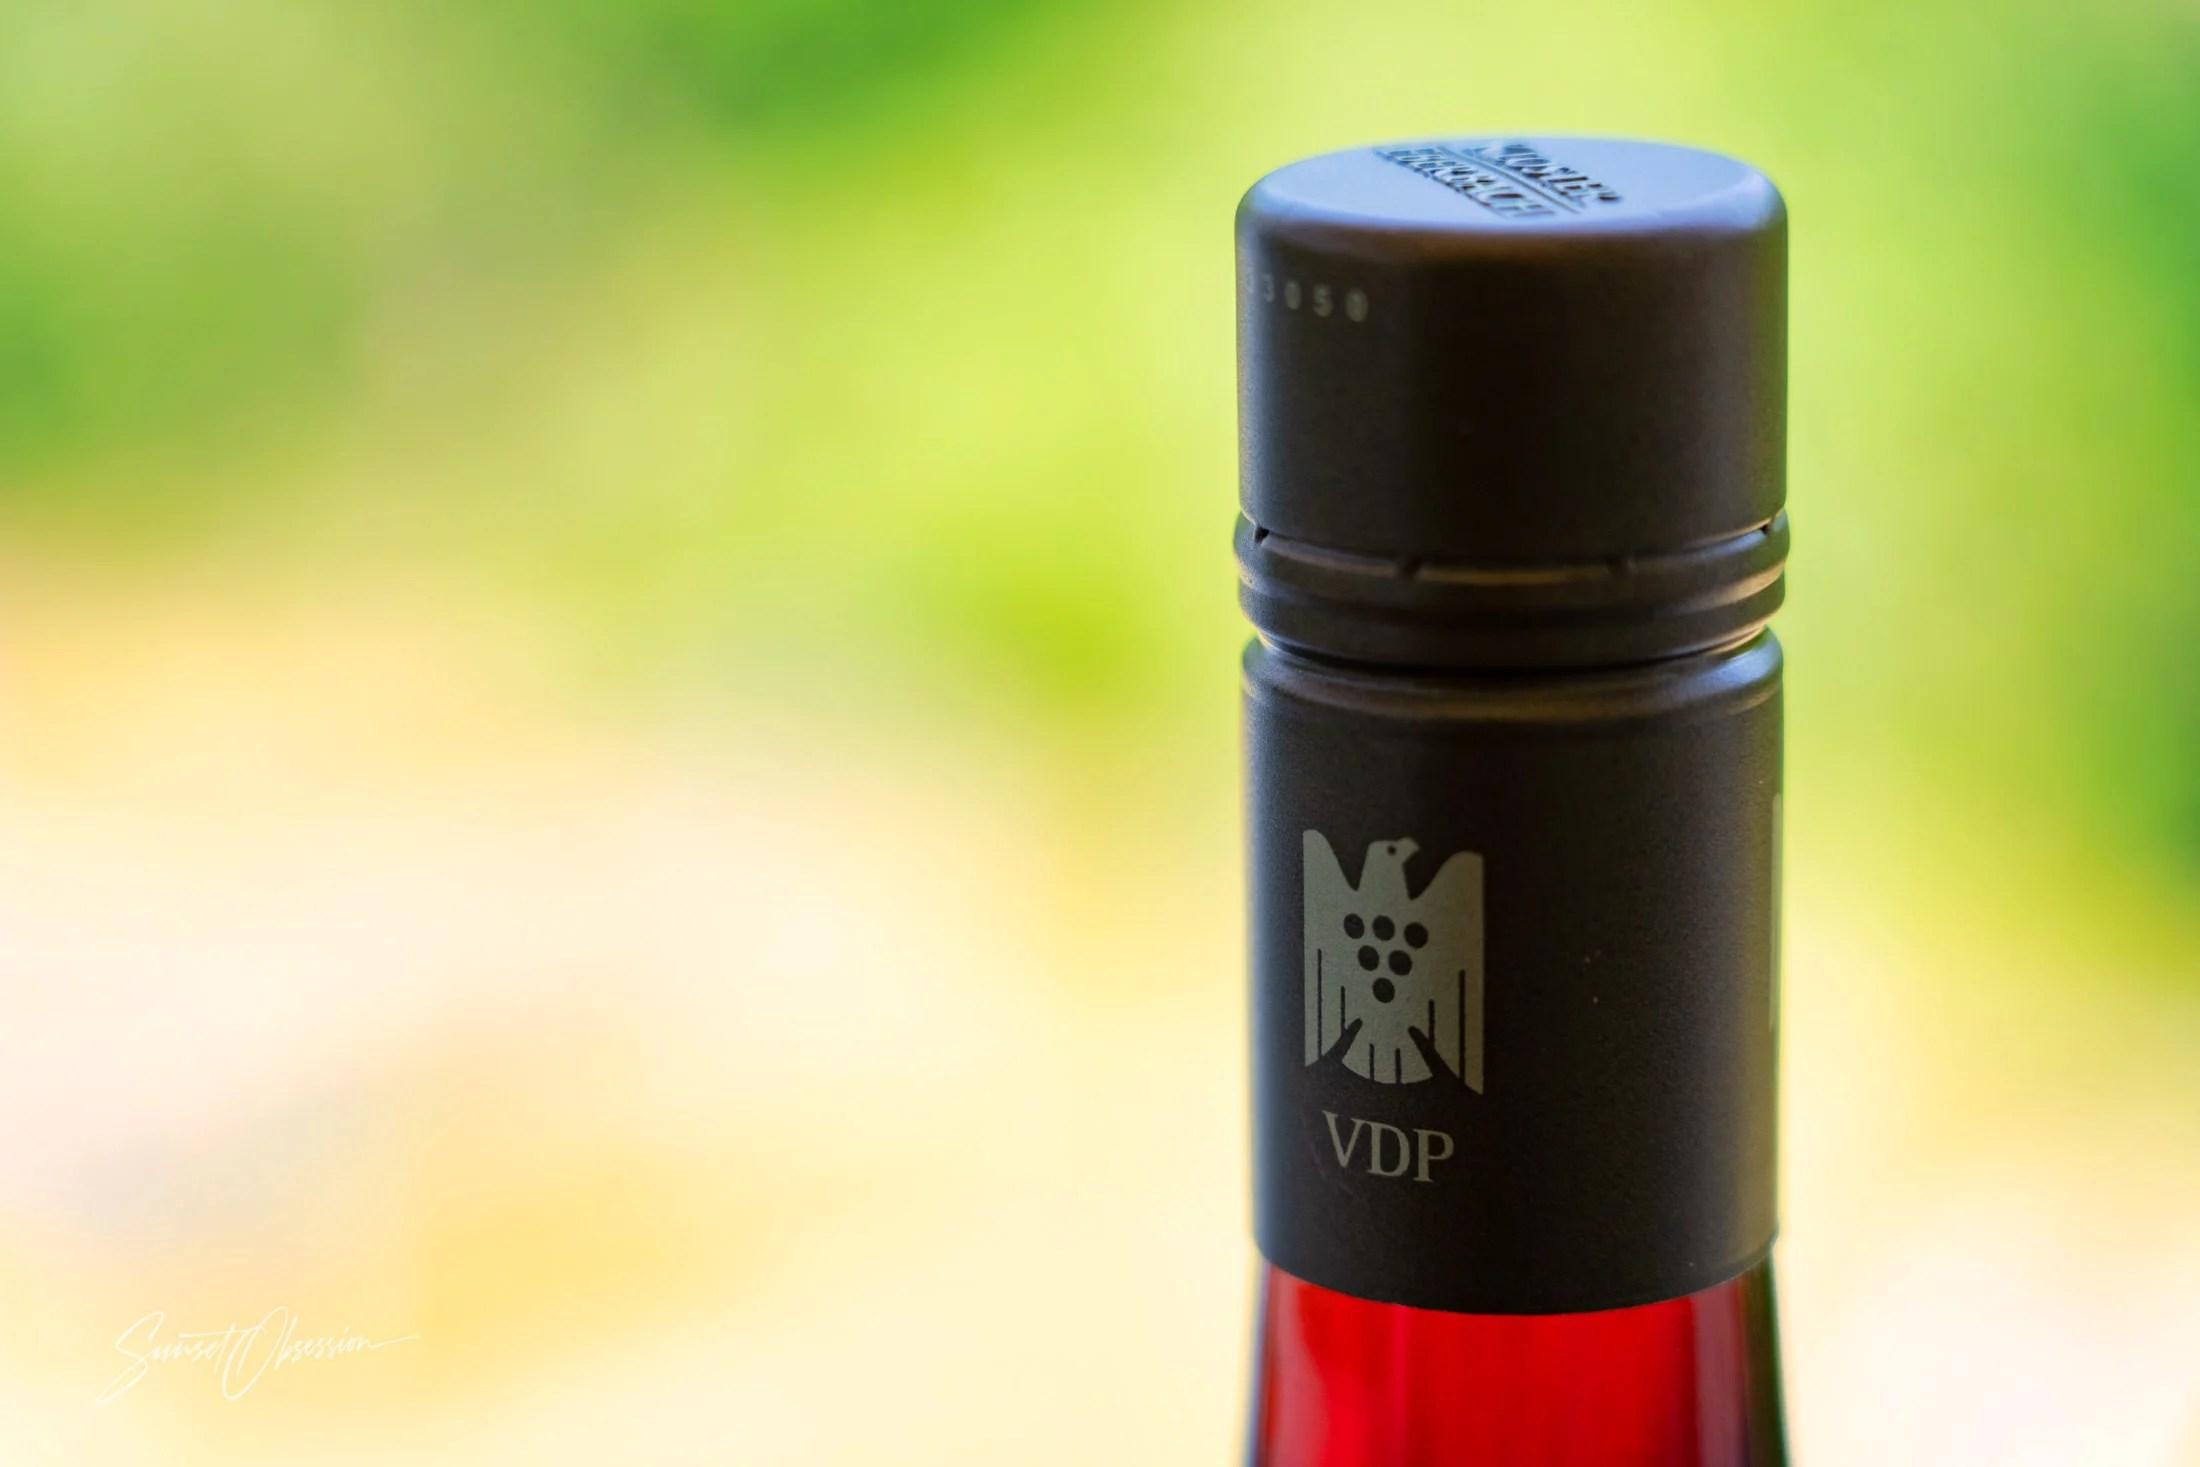 Немецкое красное вино с эмблемой в виде орла VDP на горлышке